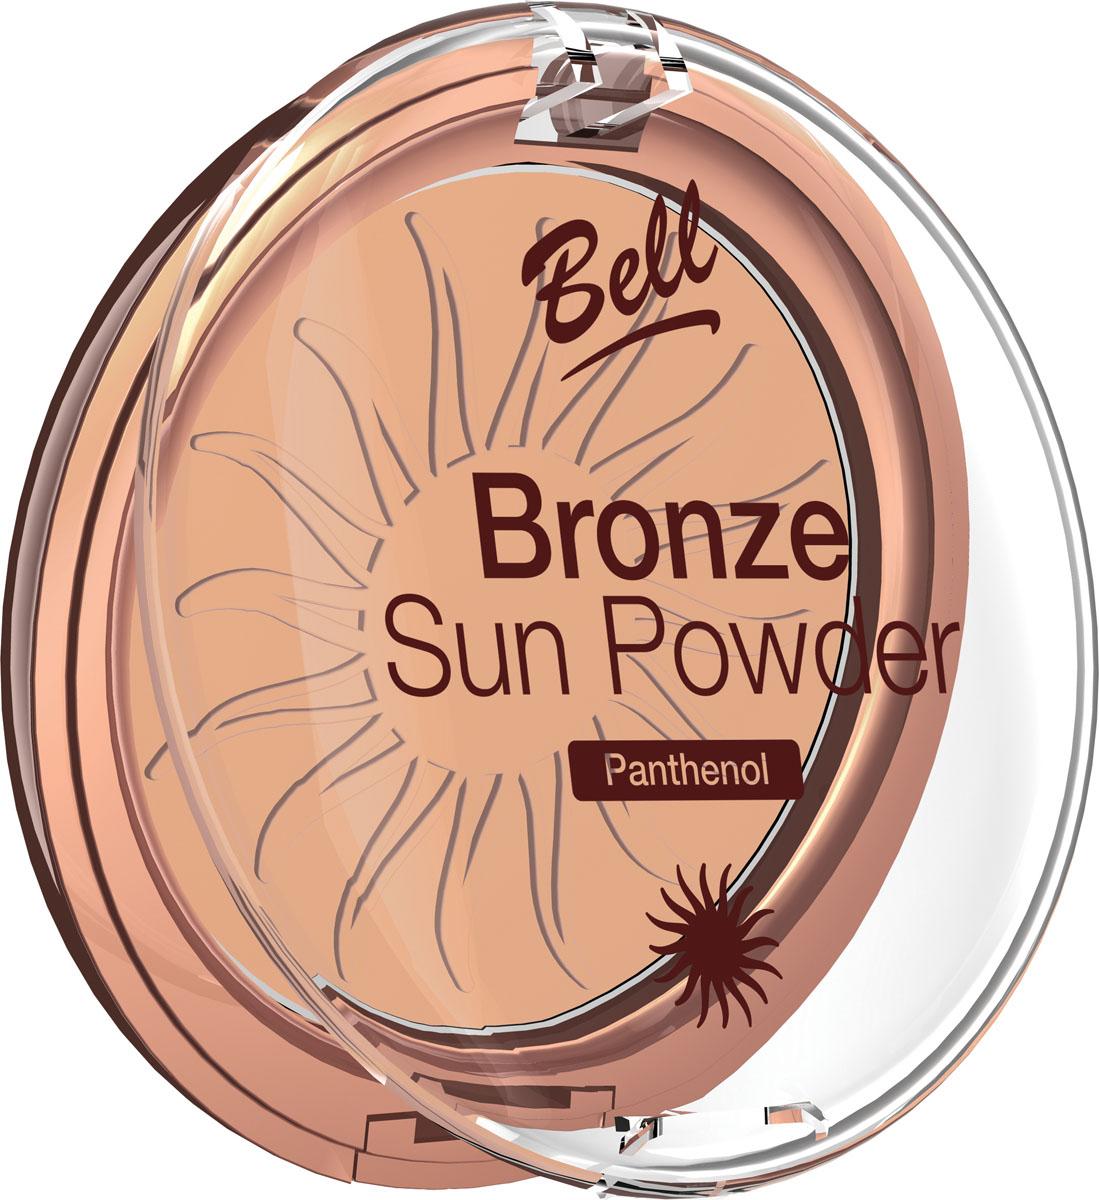 Bell Пудра бронзирующая с пантенолом Bronze Sun Powder Panthenol Тон 24, 9 грBpbBS024Пудра бронзирующая Bronze Sun Powder придаст Вашей коже теплый, естественный оттенок загара. Идеально подходит для всех типов кожи. Пантенол, входящий в состав пудры оказывает мягкое, успокаивающее воздействие на кожу. Благодаря особой формуле пудра поглощает избыточную влагу, придавая коже ровный матовый оттенок. Бархатная текстура пудры обеспечивает легкое и равномерное нанесение. Тон 24